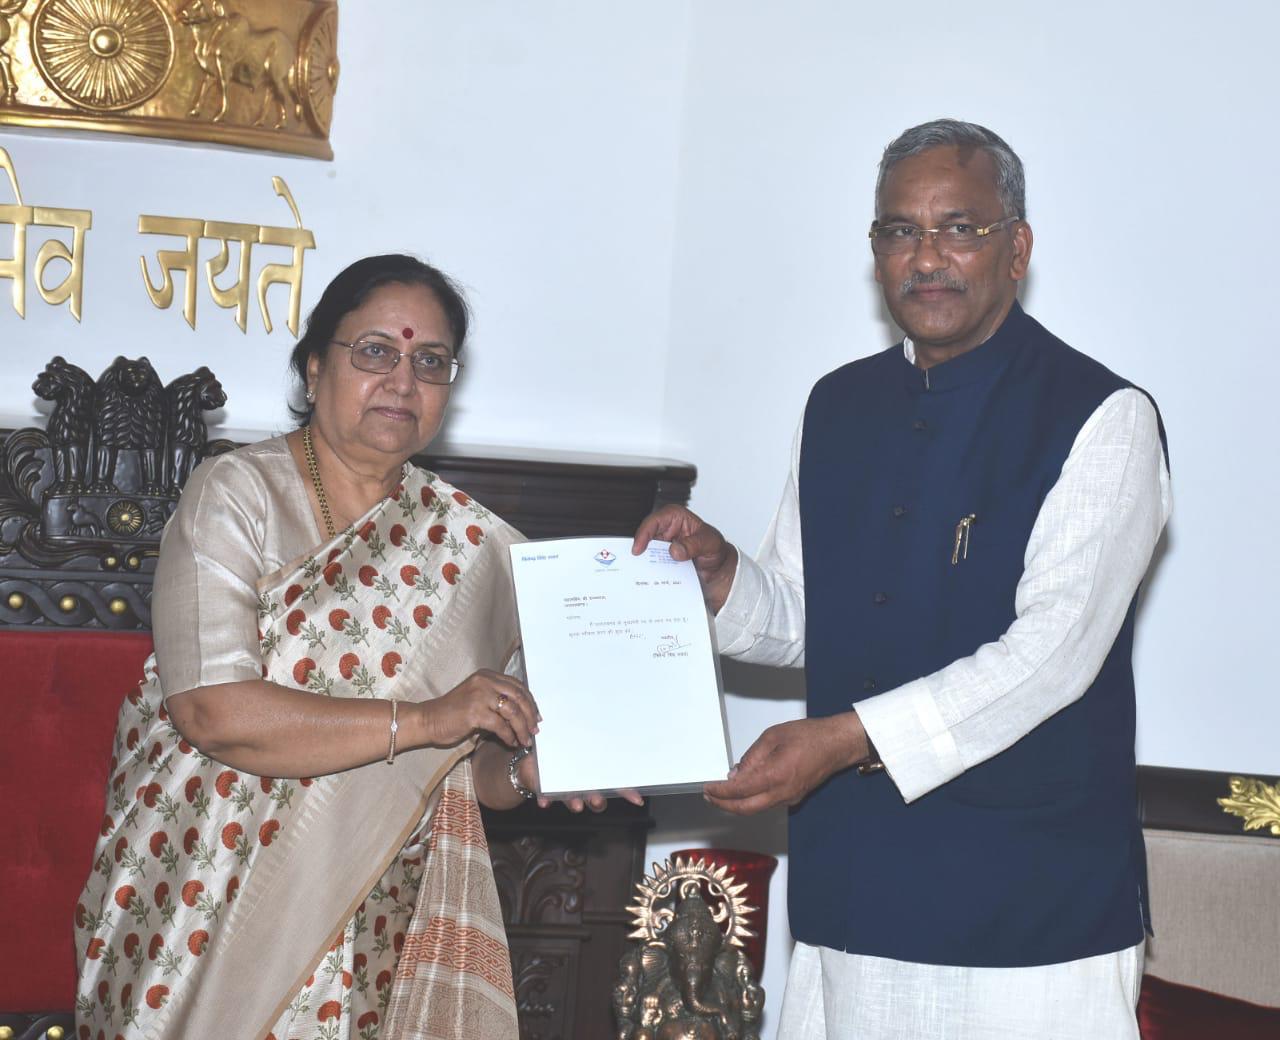 सीएम पद से त्रिवेंद्र सिंह रावत ने दिया इस्तीफा, बोले- पार्टी ने मुझे स्वर्णिम अवसर दिया